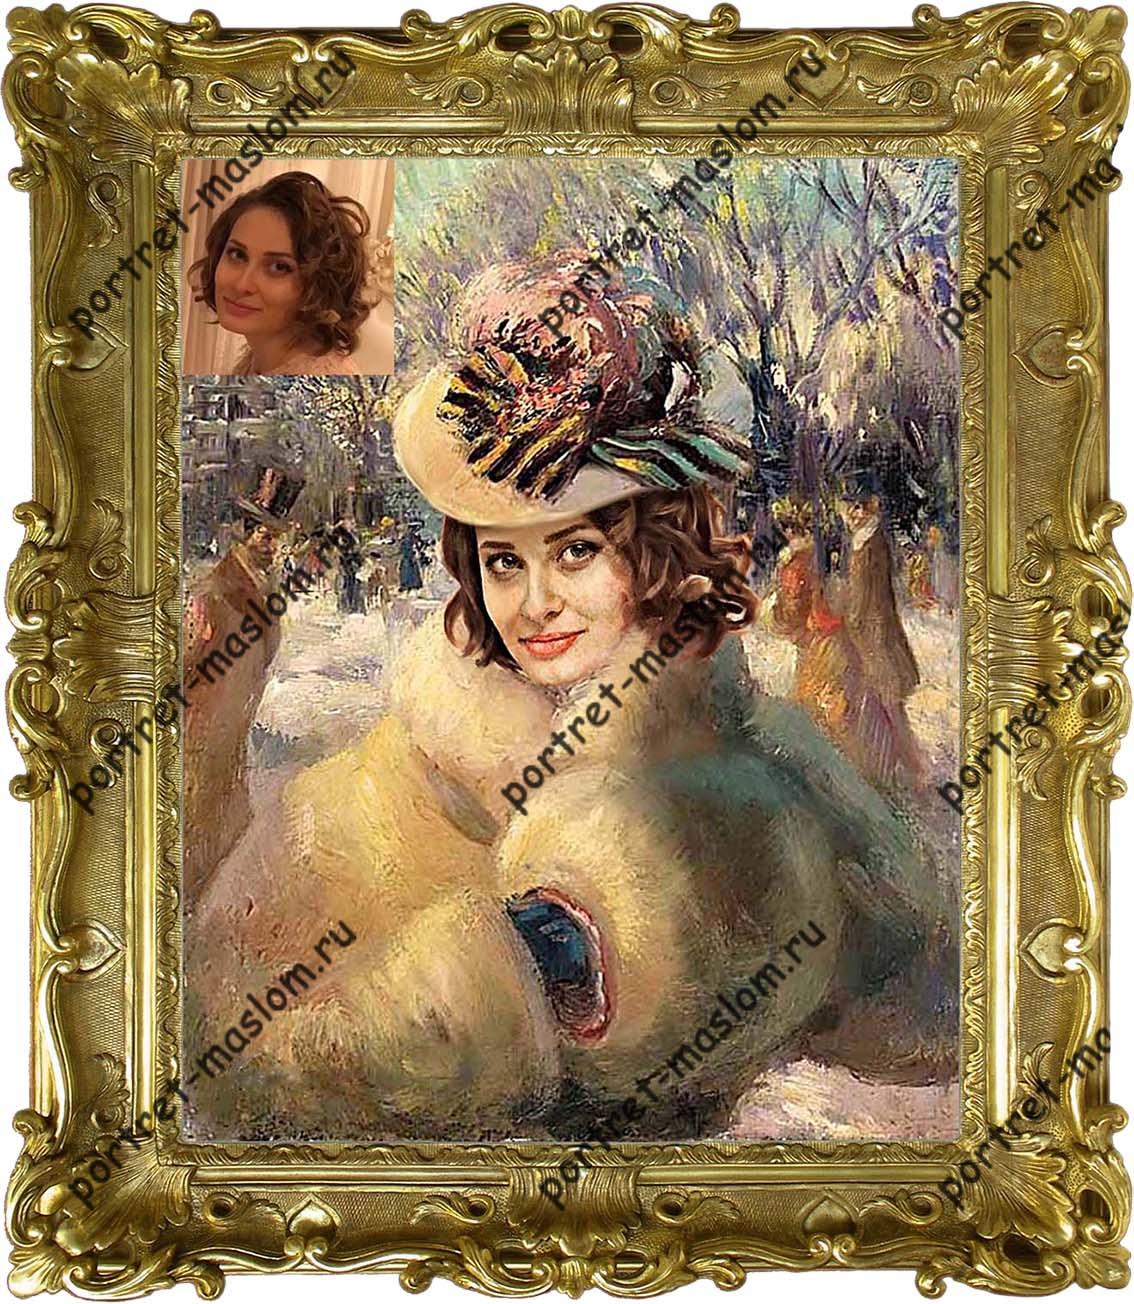 Заказать портрет с фотографии, Портрет на заказ в Люберцах и 14